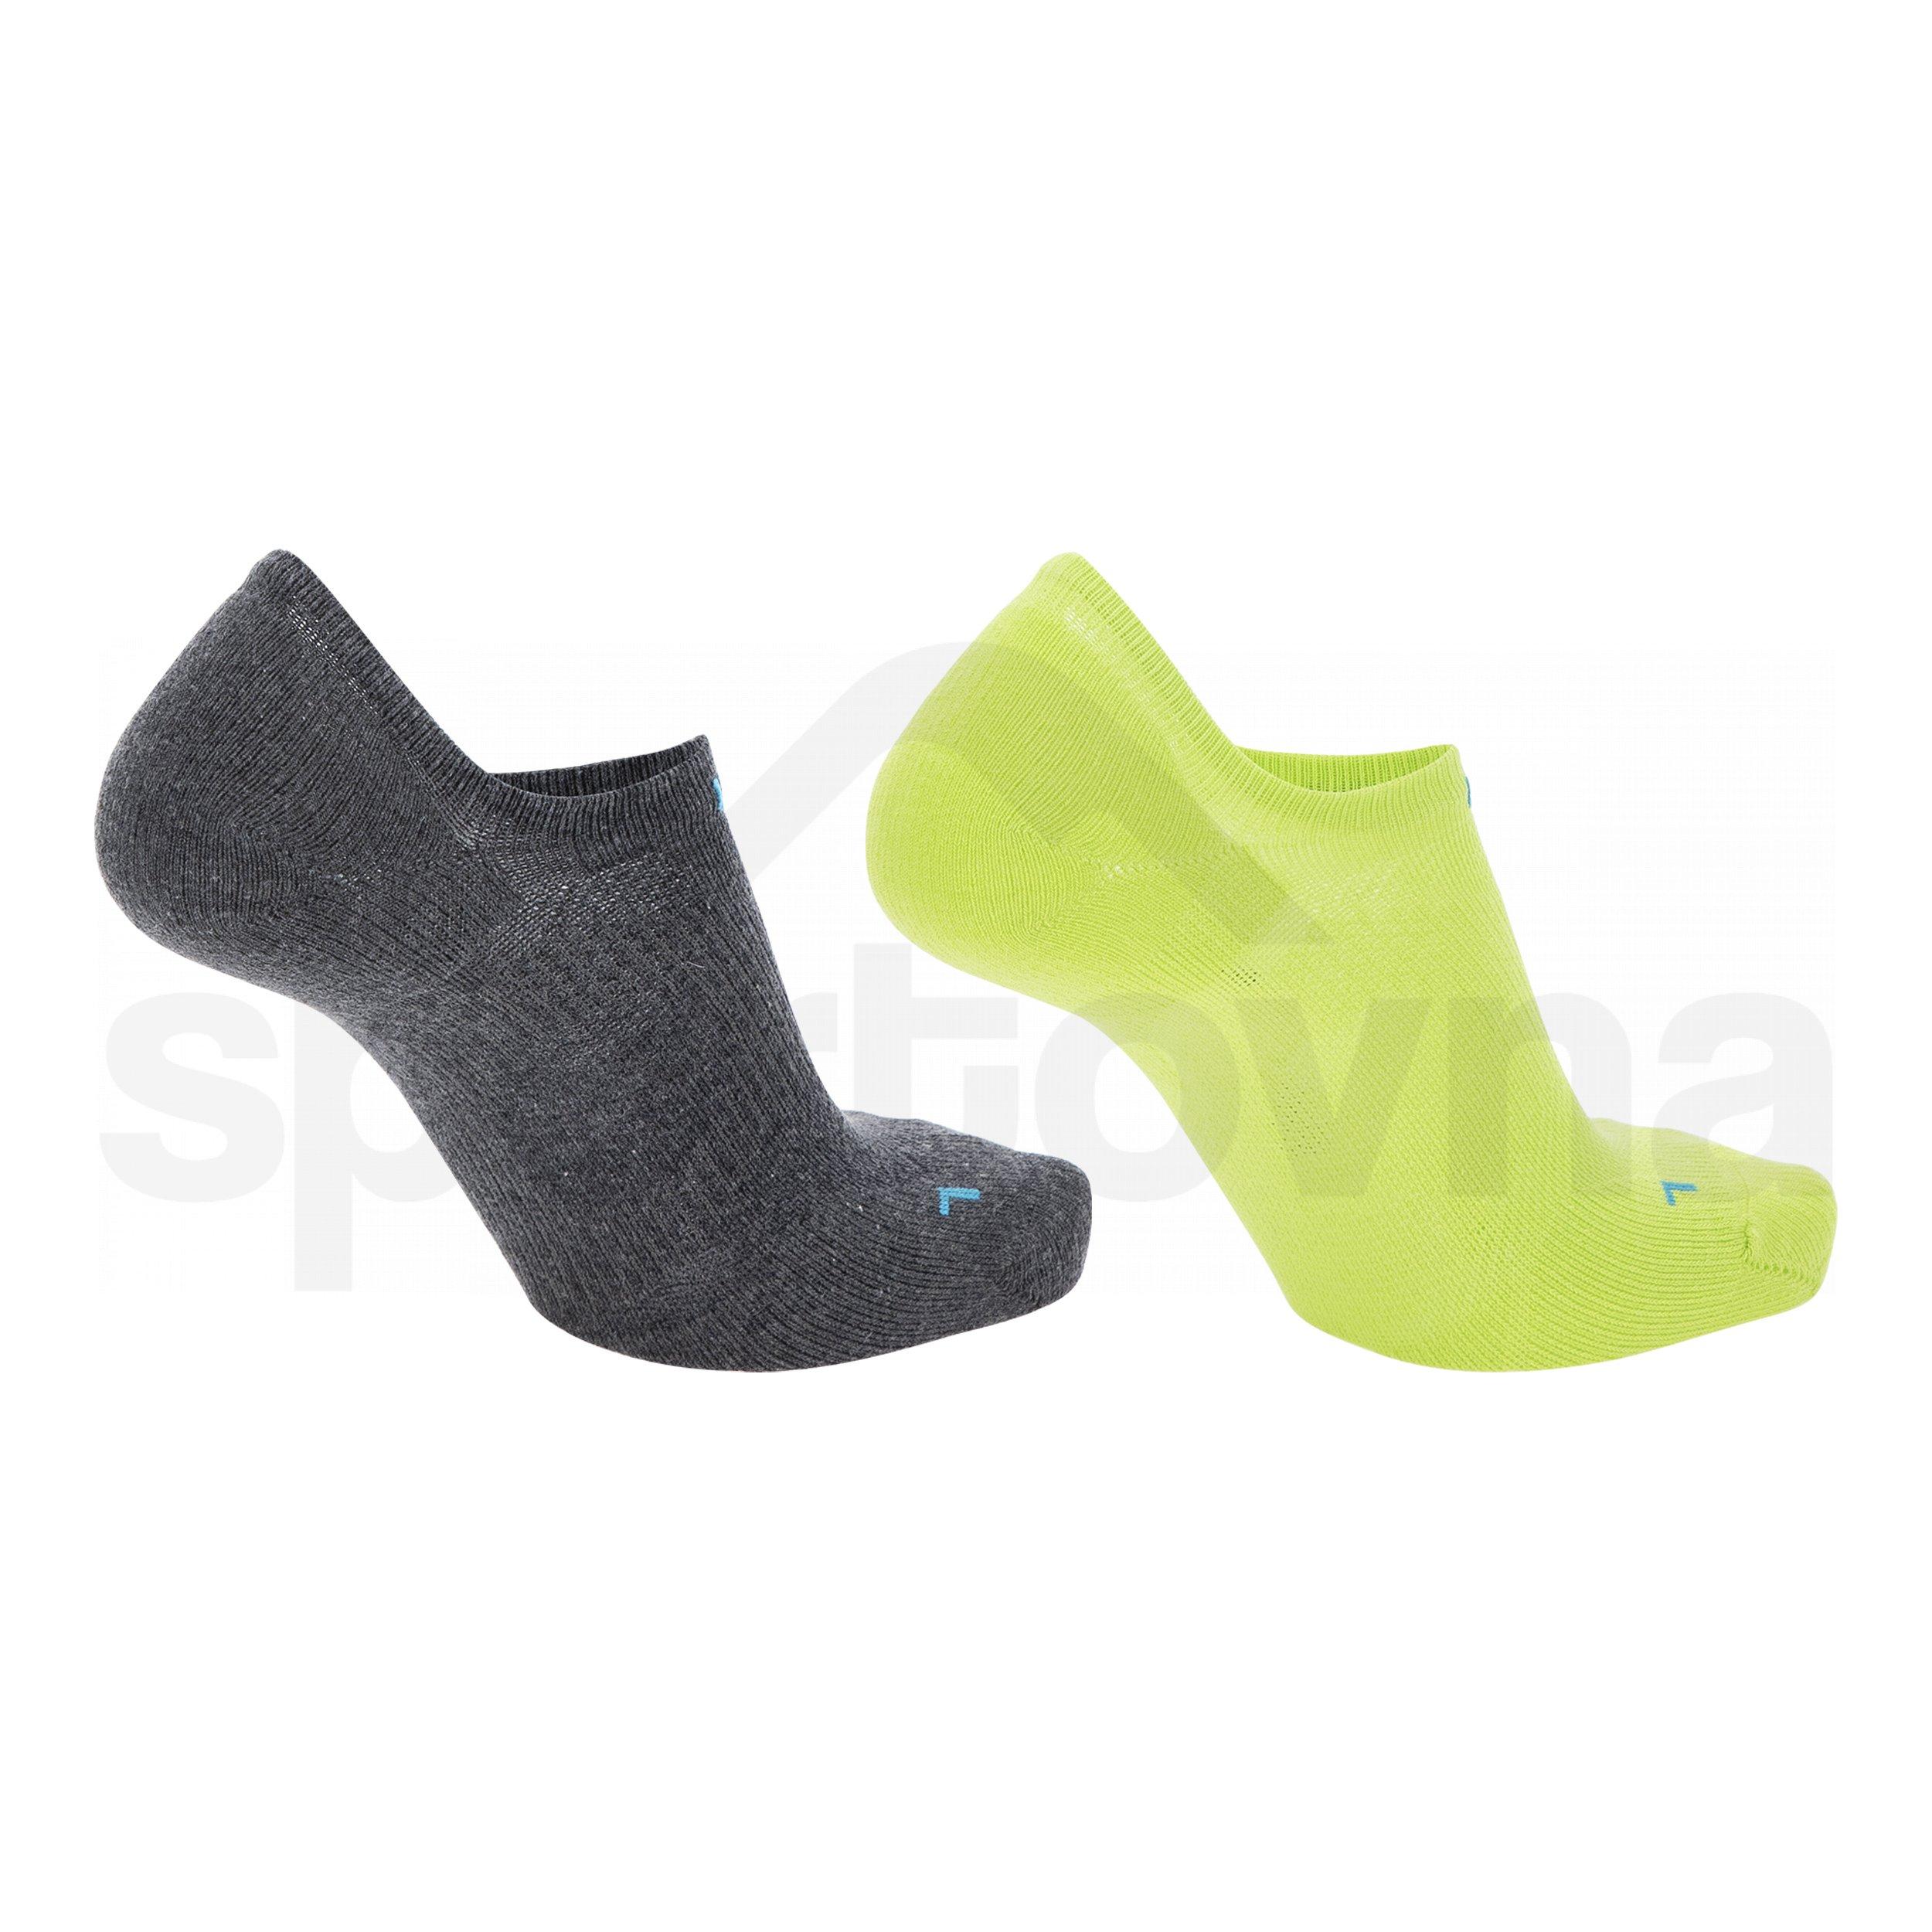 Ponožky UYN SNEAKER 4.0 SOCKS 2 páry - žlutá/černá